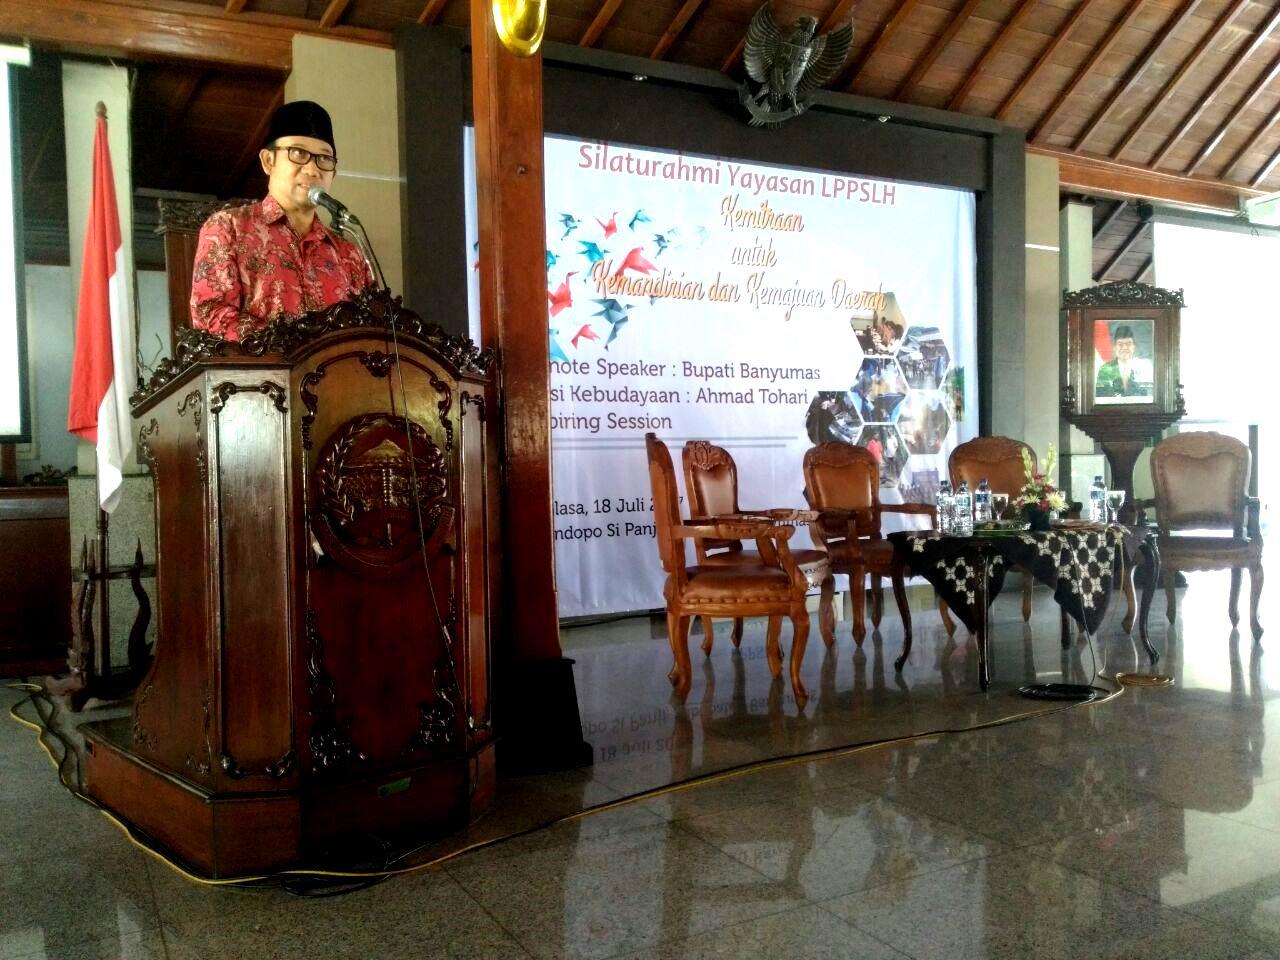 Silaturahmi Diaspora Yayasan LPPSLH Ingatkan Kita Pentingnya Kemajuan dan Kemandirian Daerah